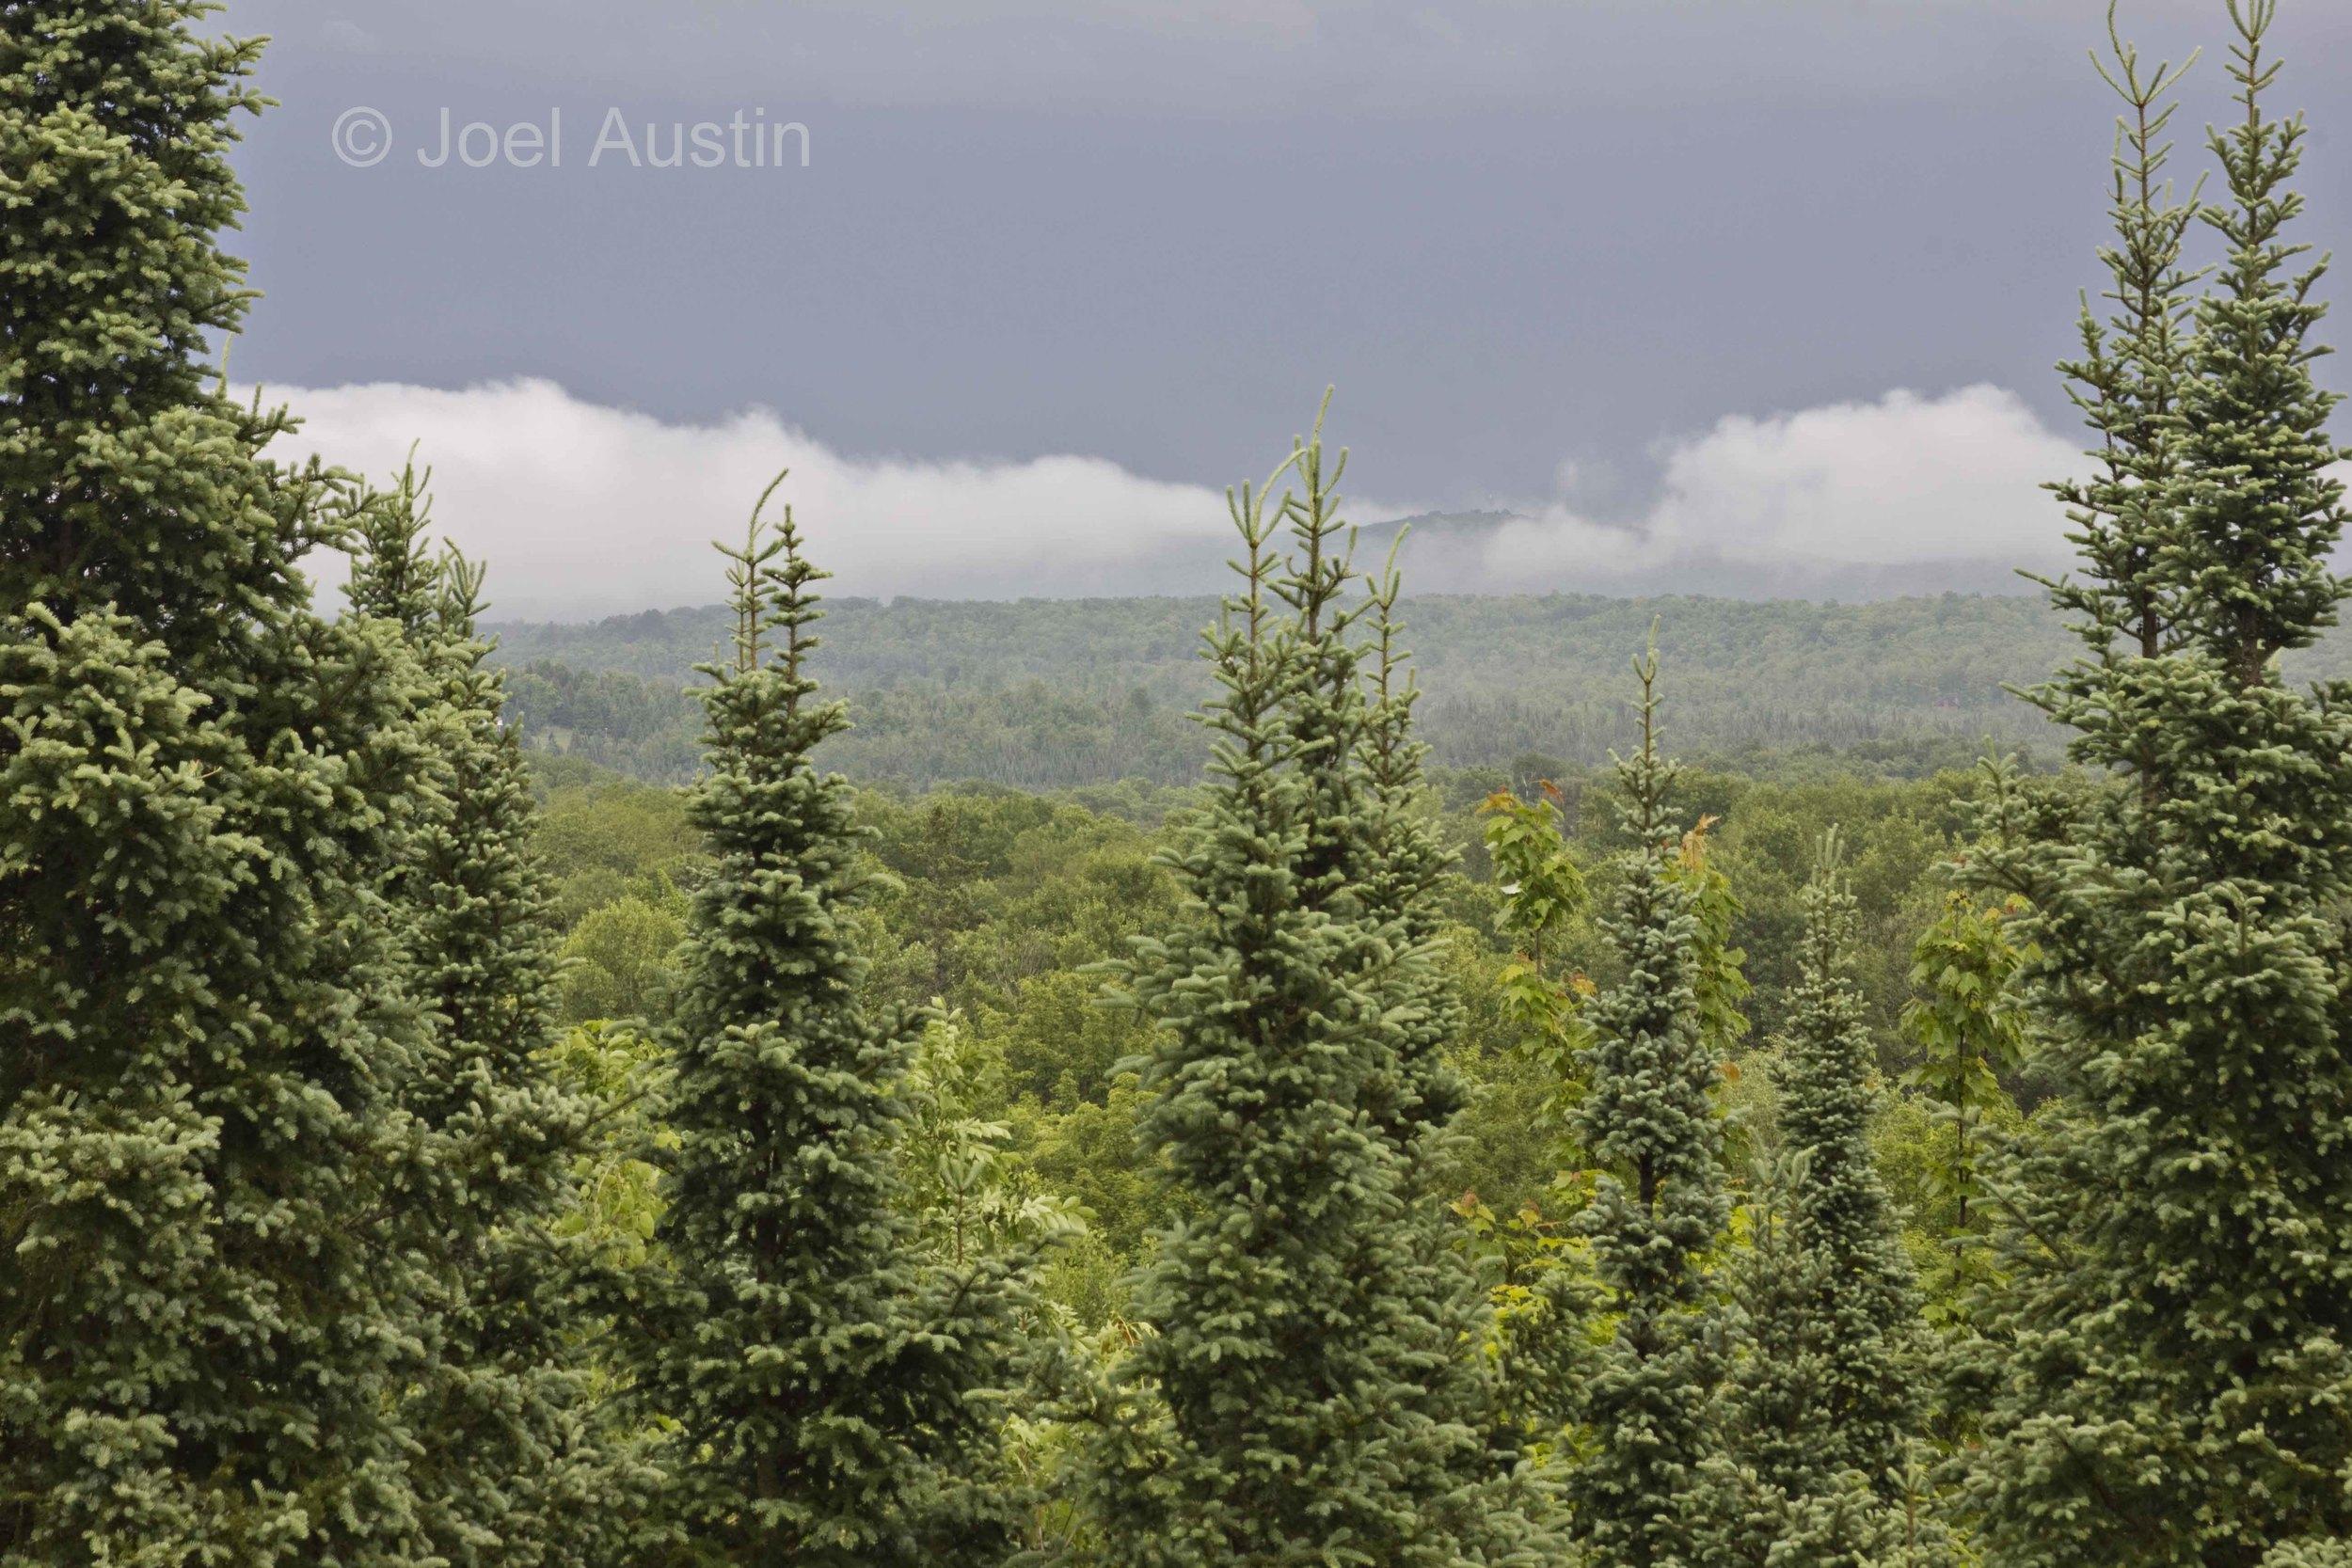 Misty summer day at the Penokee Overlook